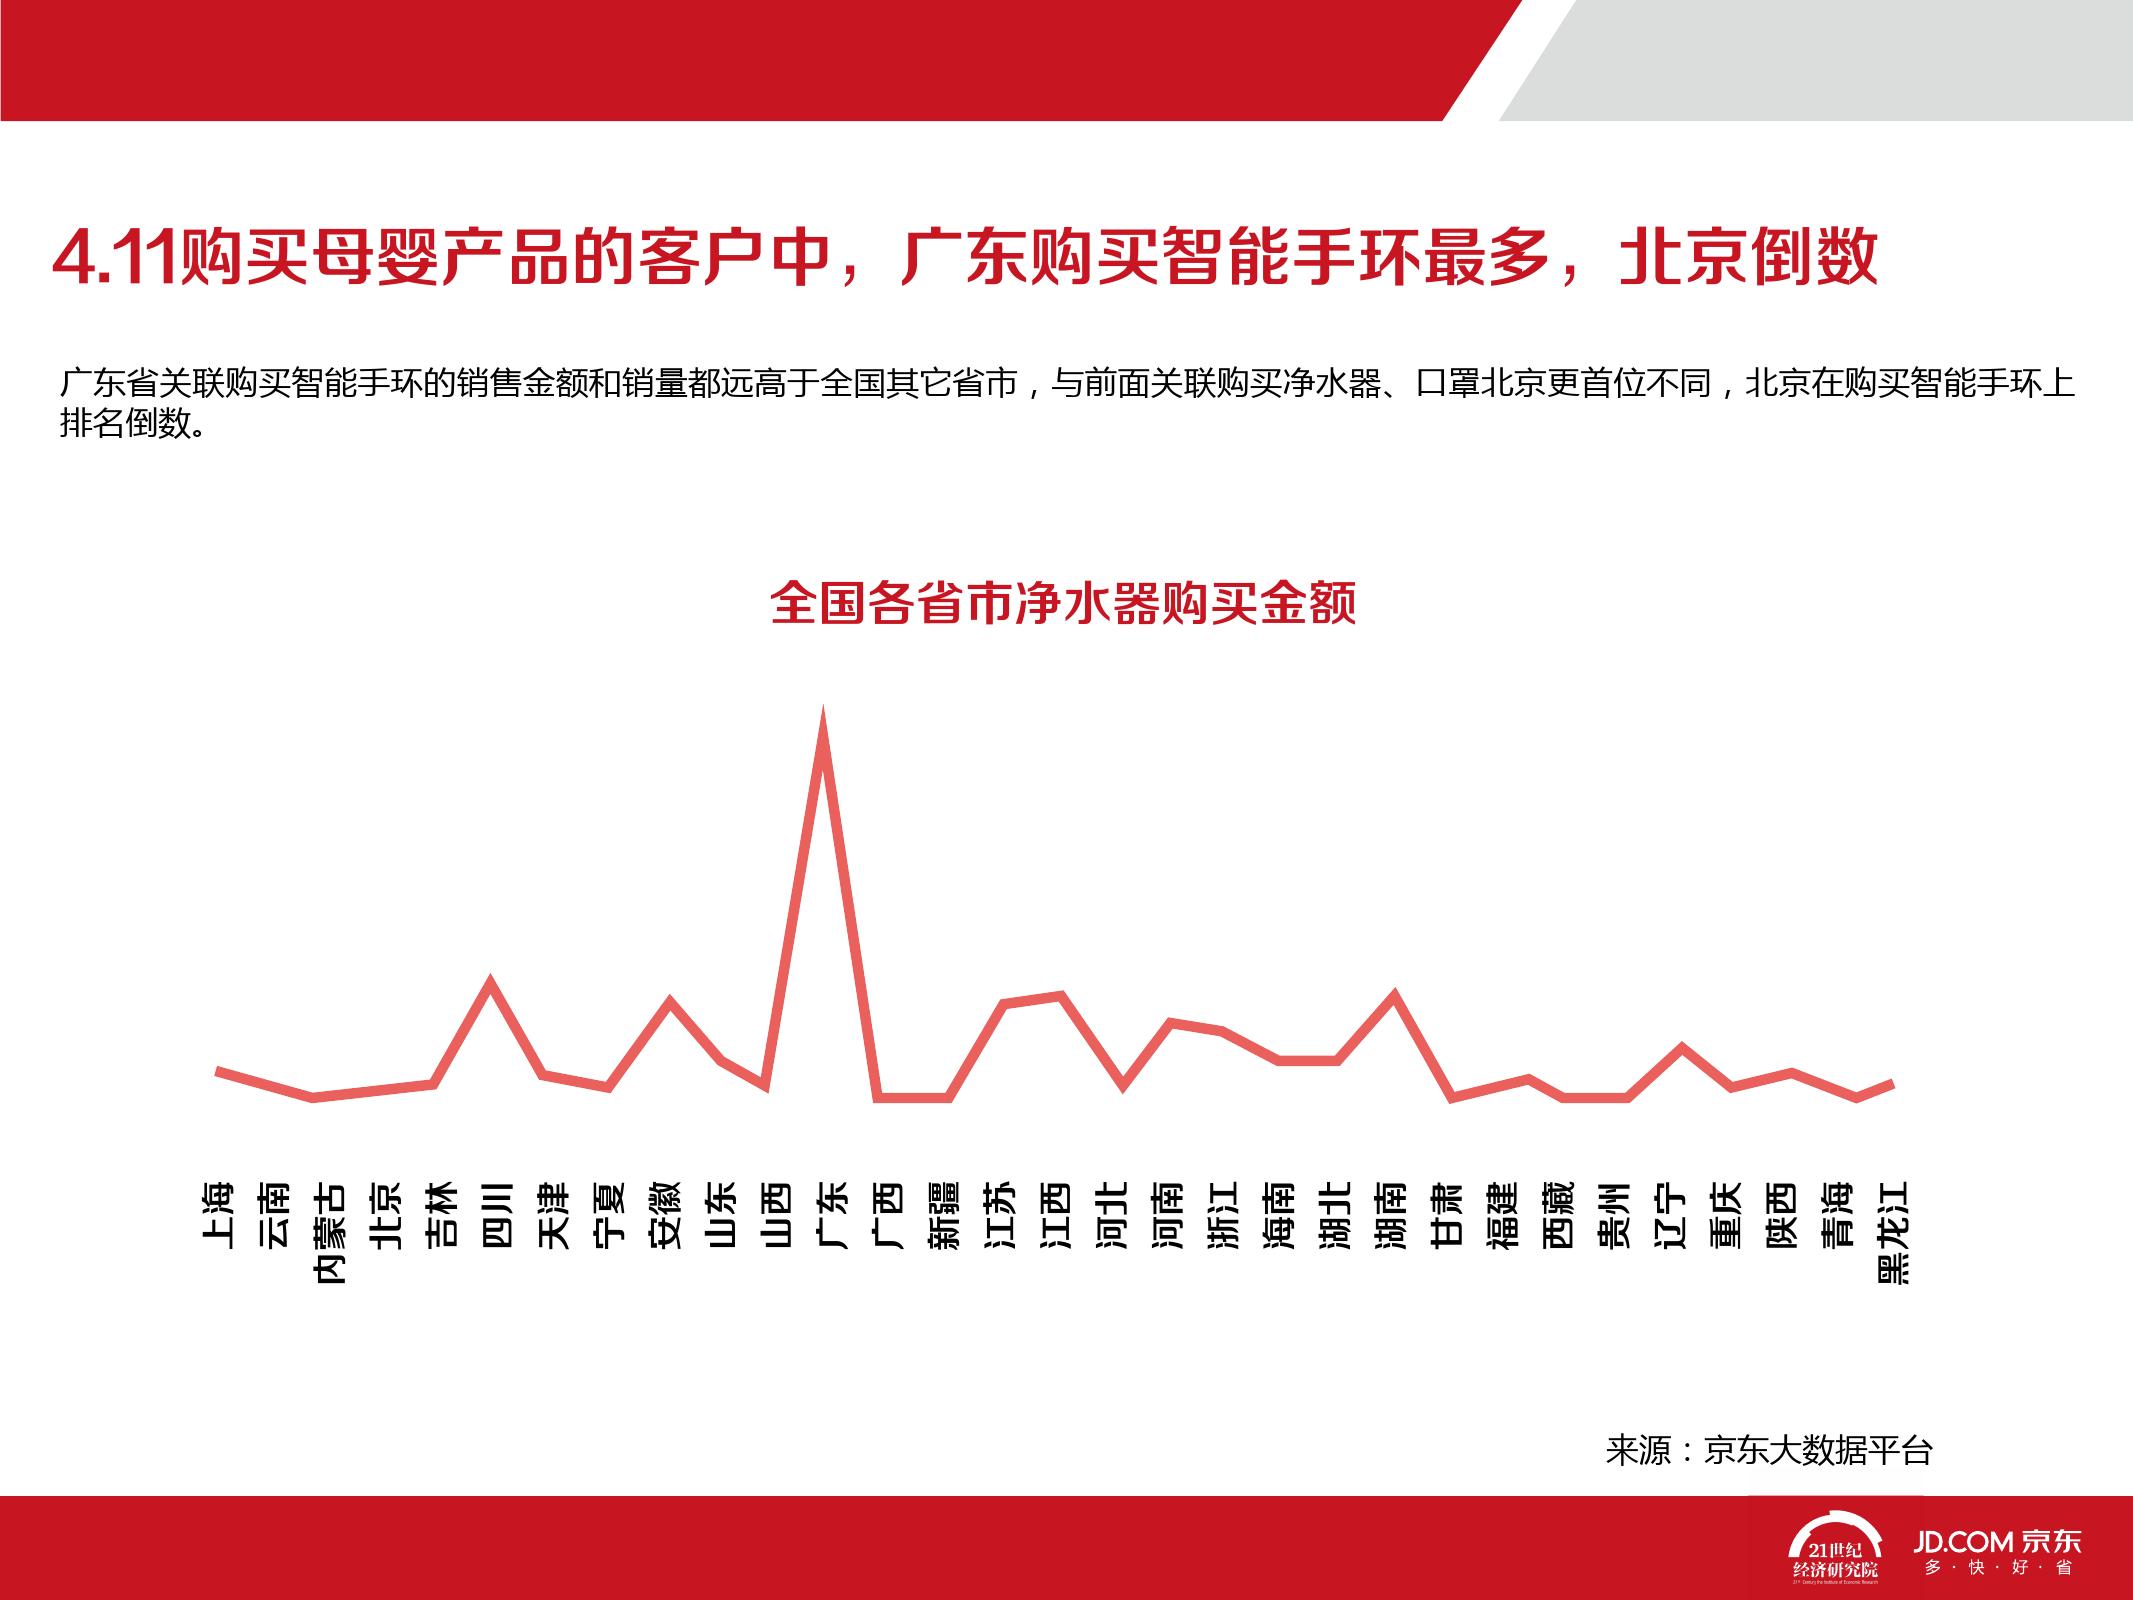 2016中国母婴产品消费趋势报告_000053